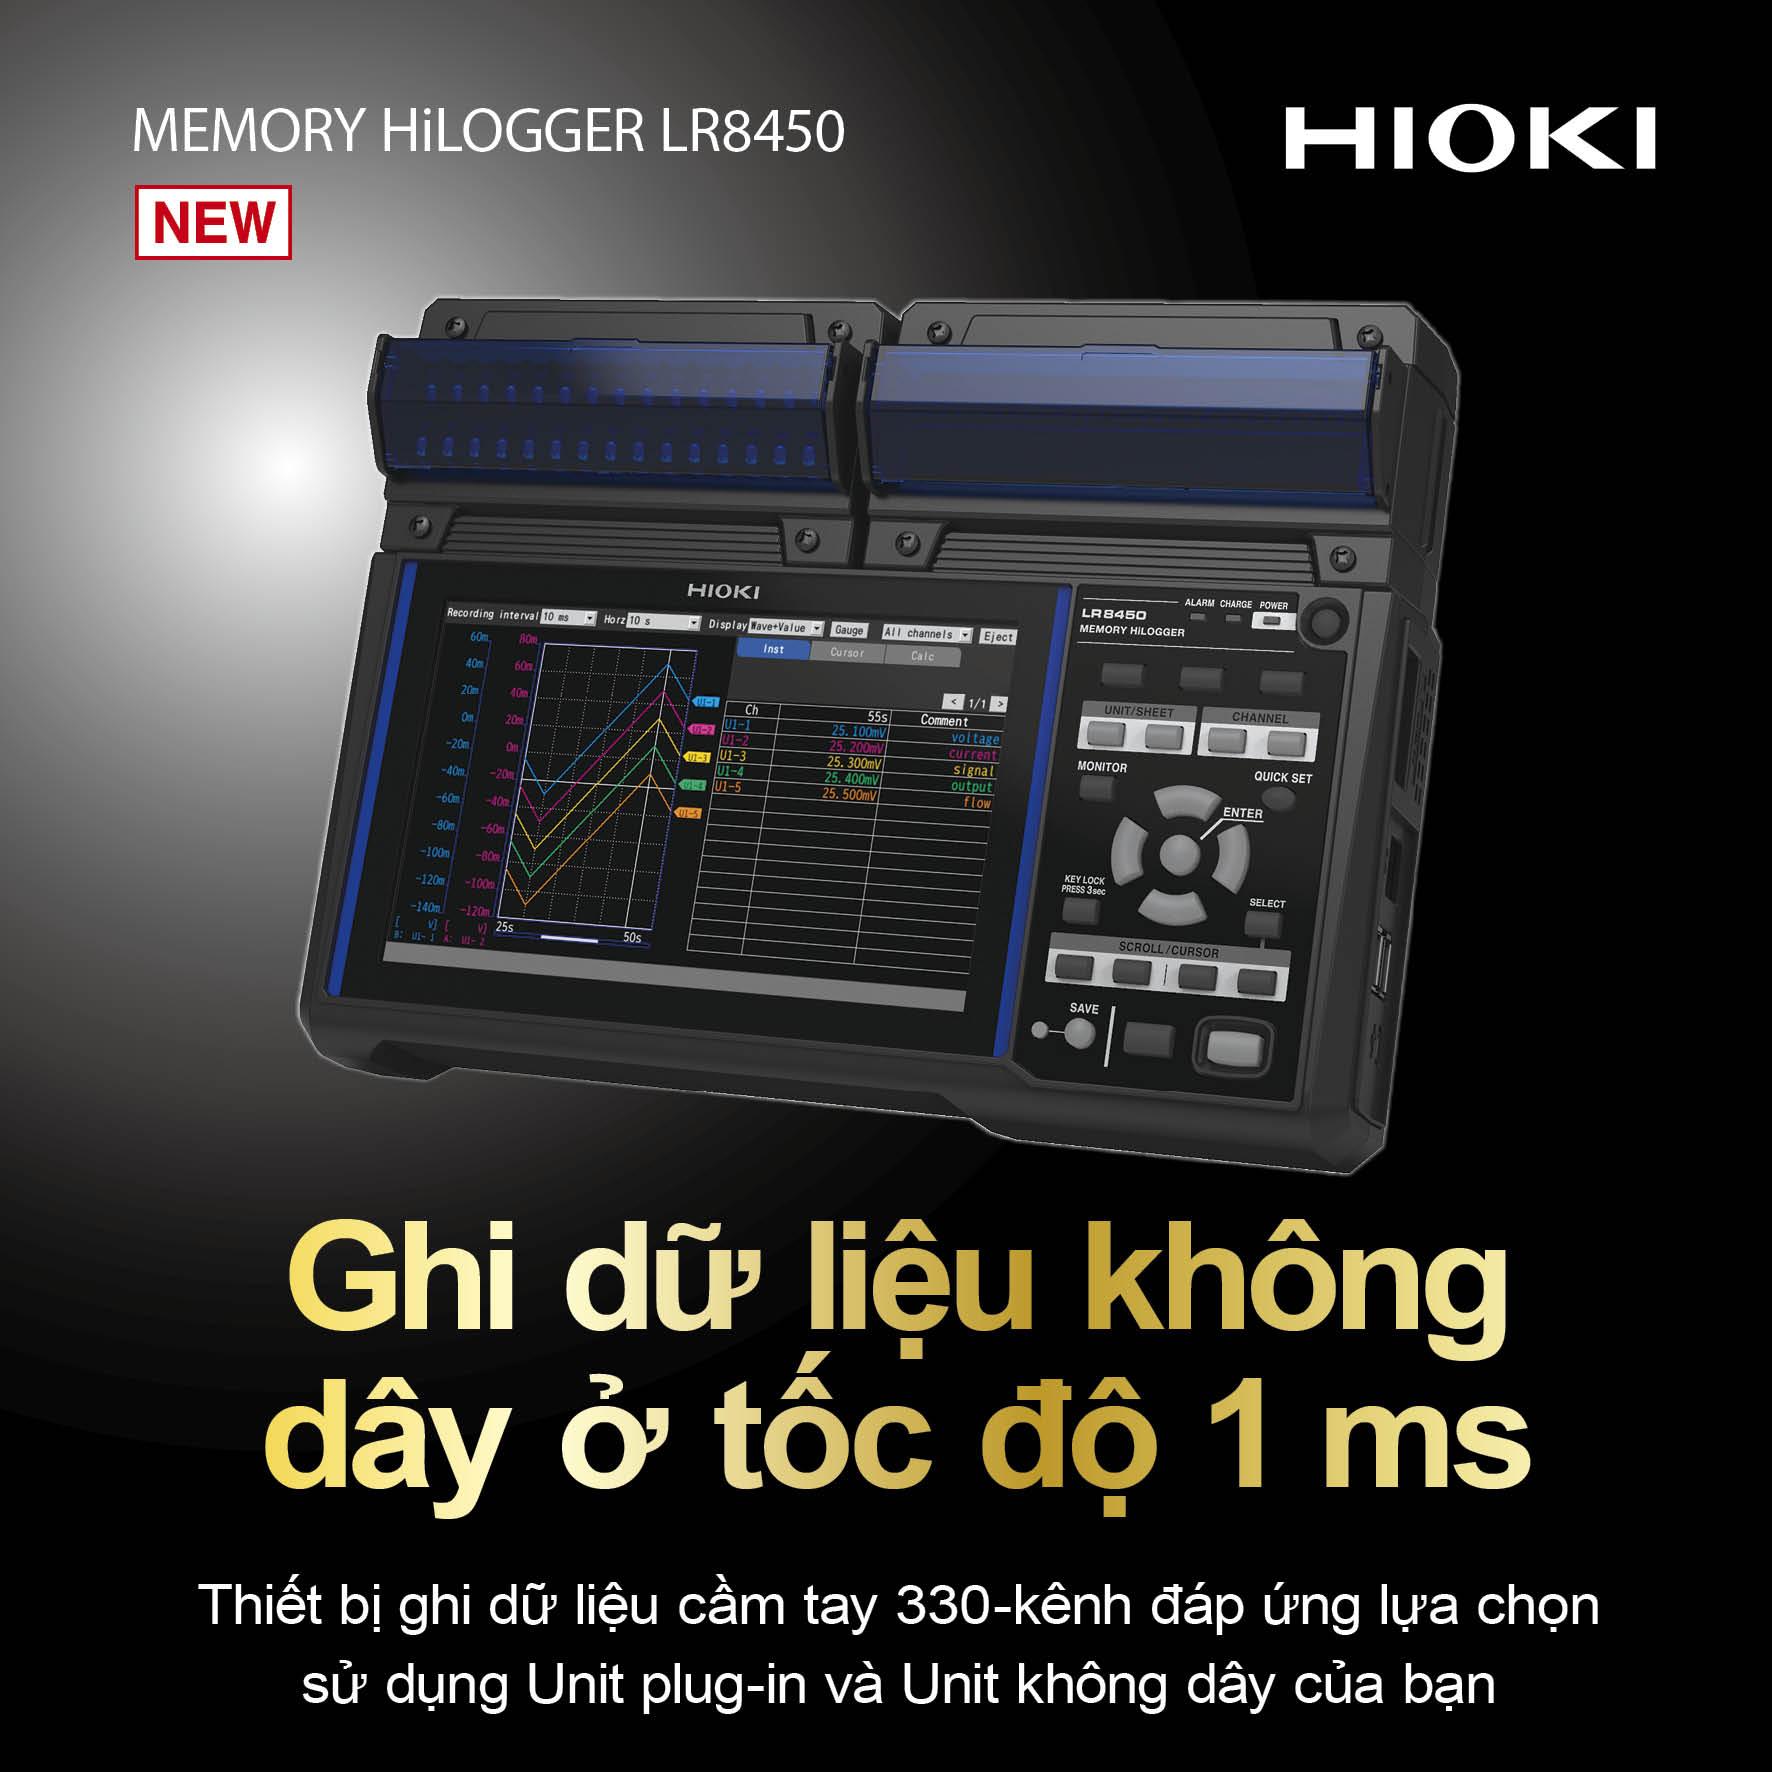 Thiết bị đo Memory HiLogger LR8450 xách tay, ghi dữ liệu không dây